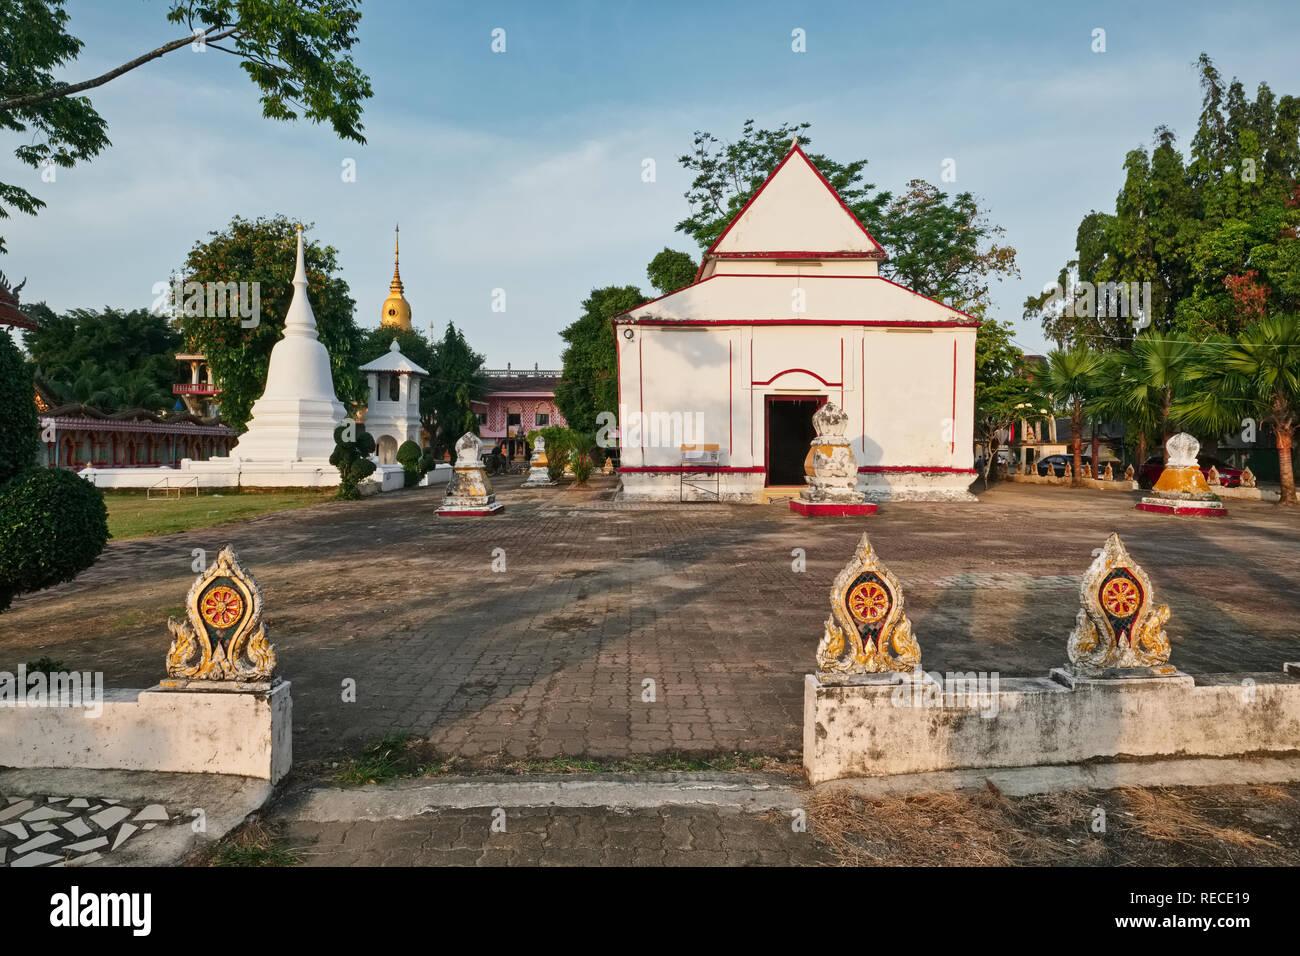 Die alte, historisch verkehrsberuhigten Bot oder Ubosot (Ordination Halle; rechts) von Wat Phra Nang San, Thalang, Phuket, Thailand; vorne: Sema oder Grenzsteine Stockfoto